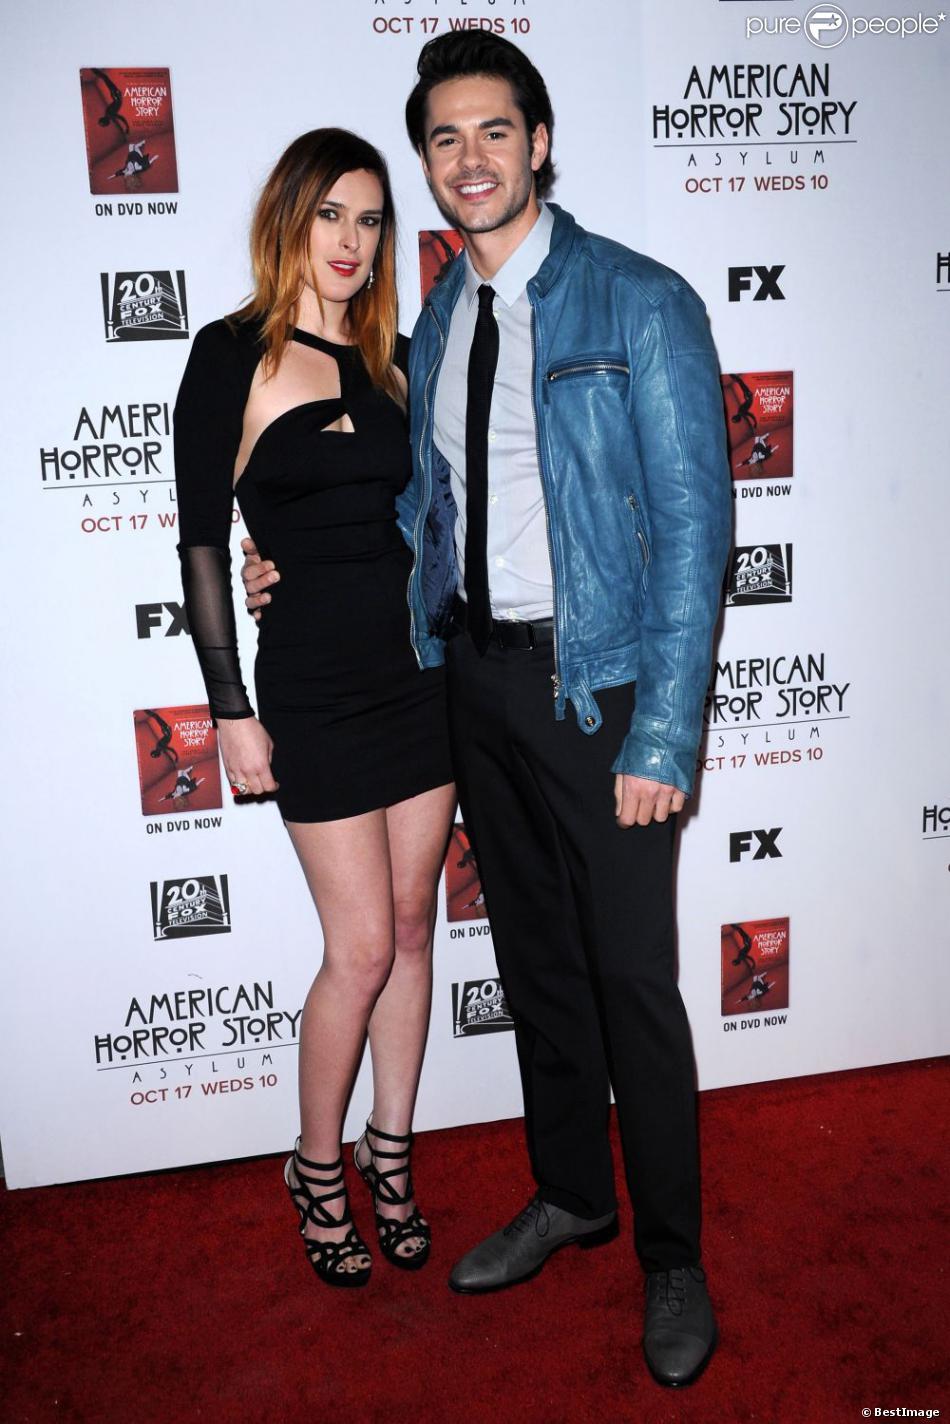 Rumeur Willis et son compagnon Jayson Blair à la première de la saison 2 de la série  American Horror Story  à Los Angeles, le 13 octobre 2012.